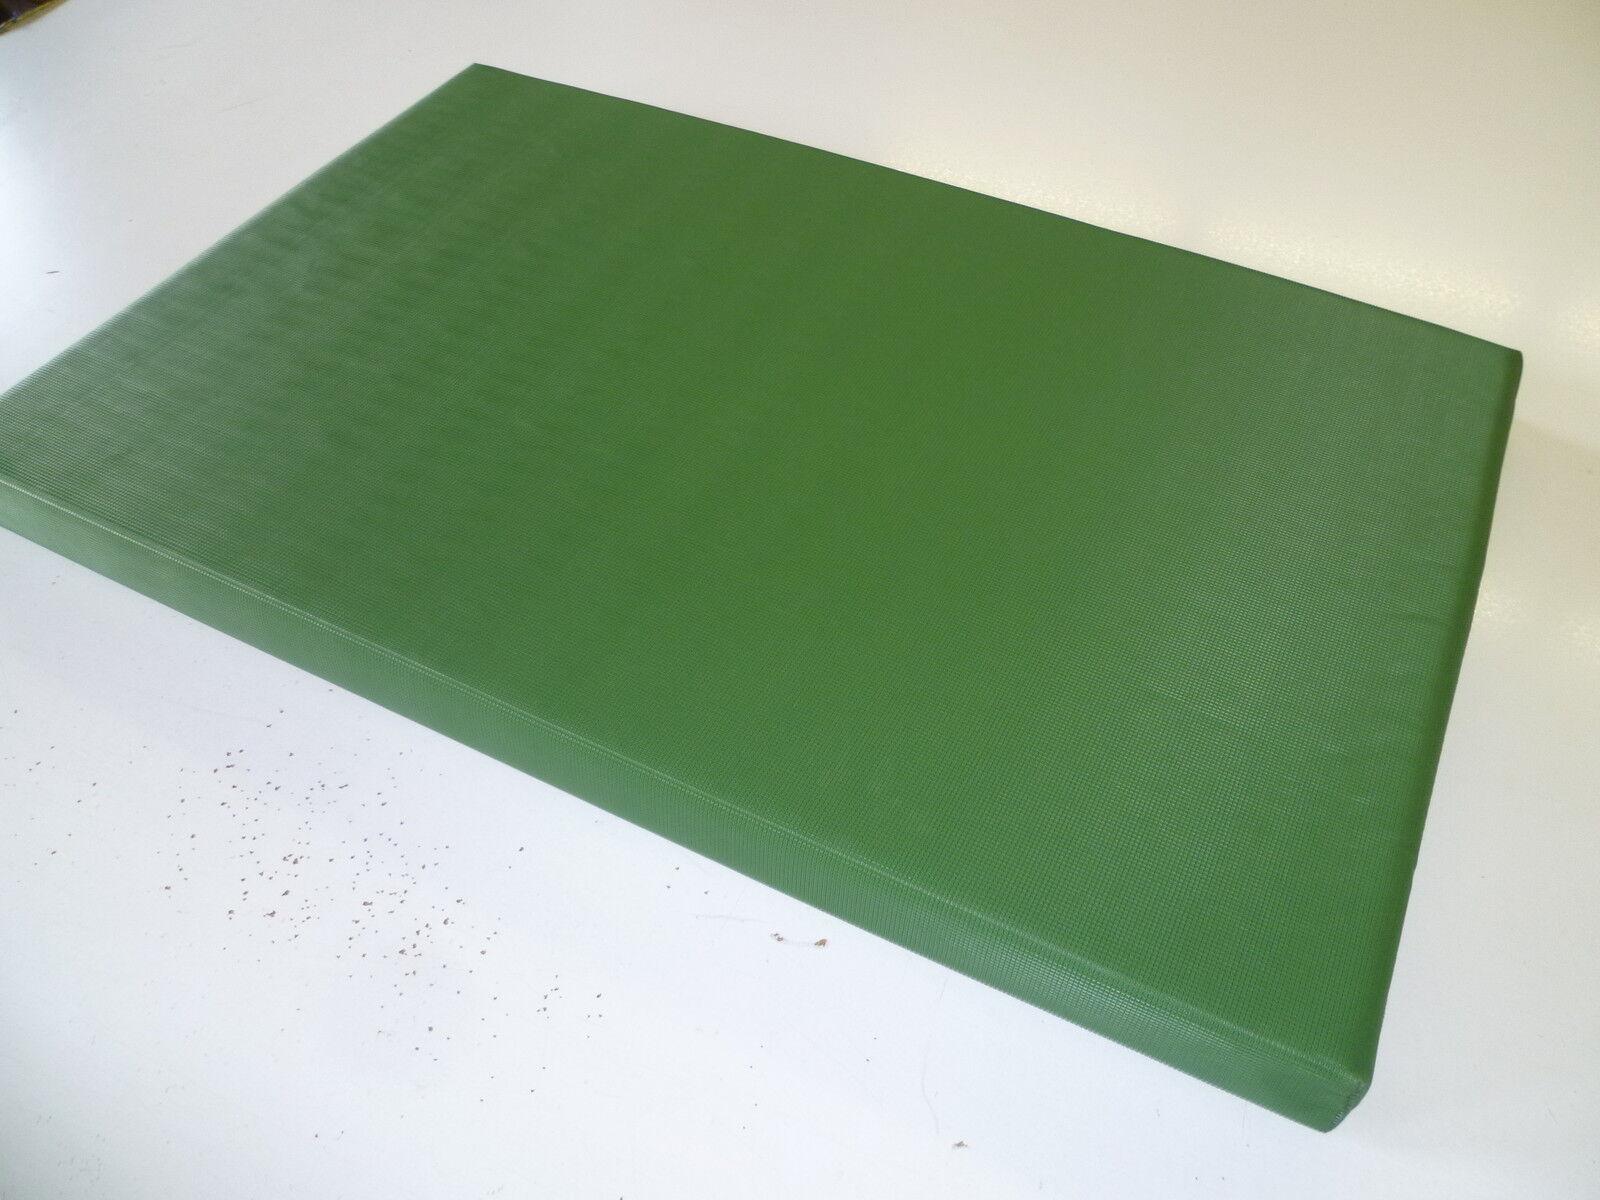 Turnmatten-Turnmatte - 150x100x6 cm  --------------GRÜN